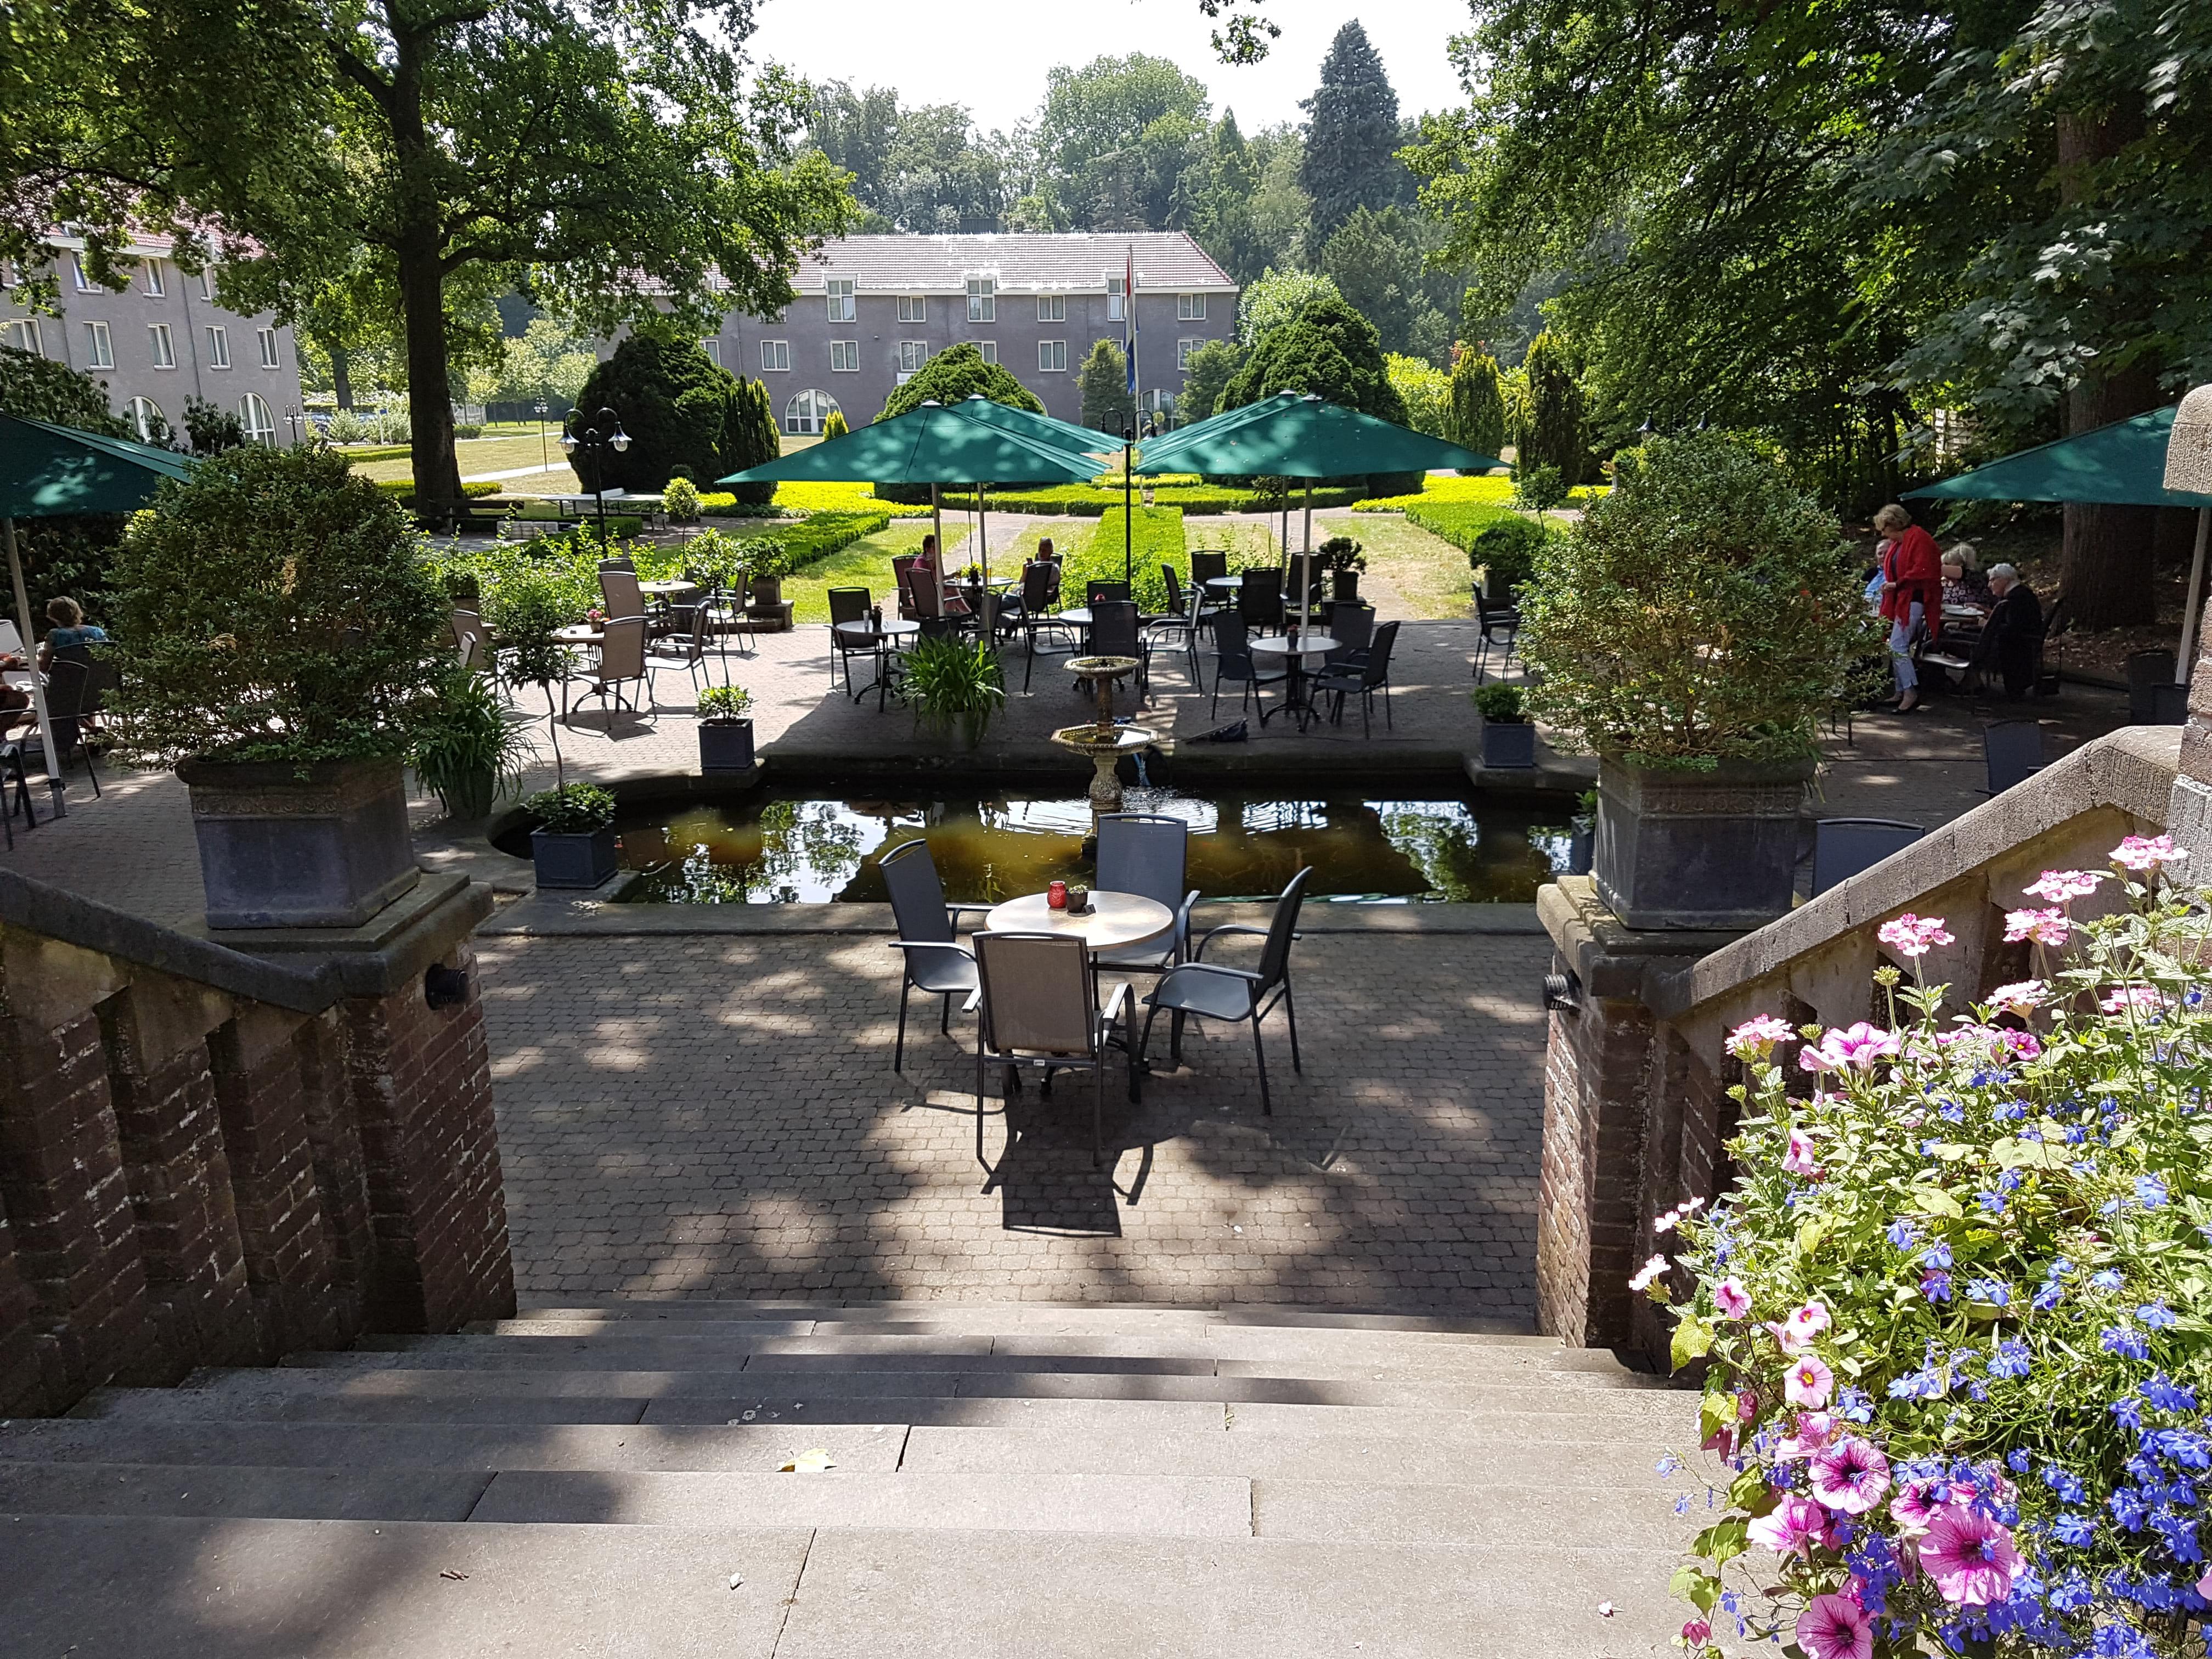 Het prachtige terras van Hotel Landgoed Ehzerwold in Almen